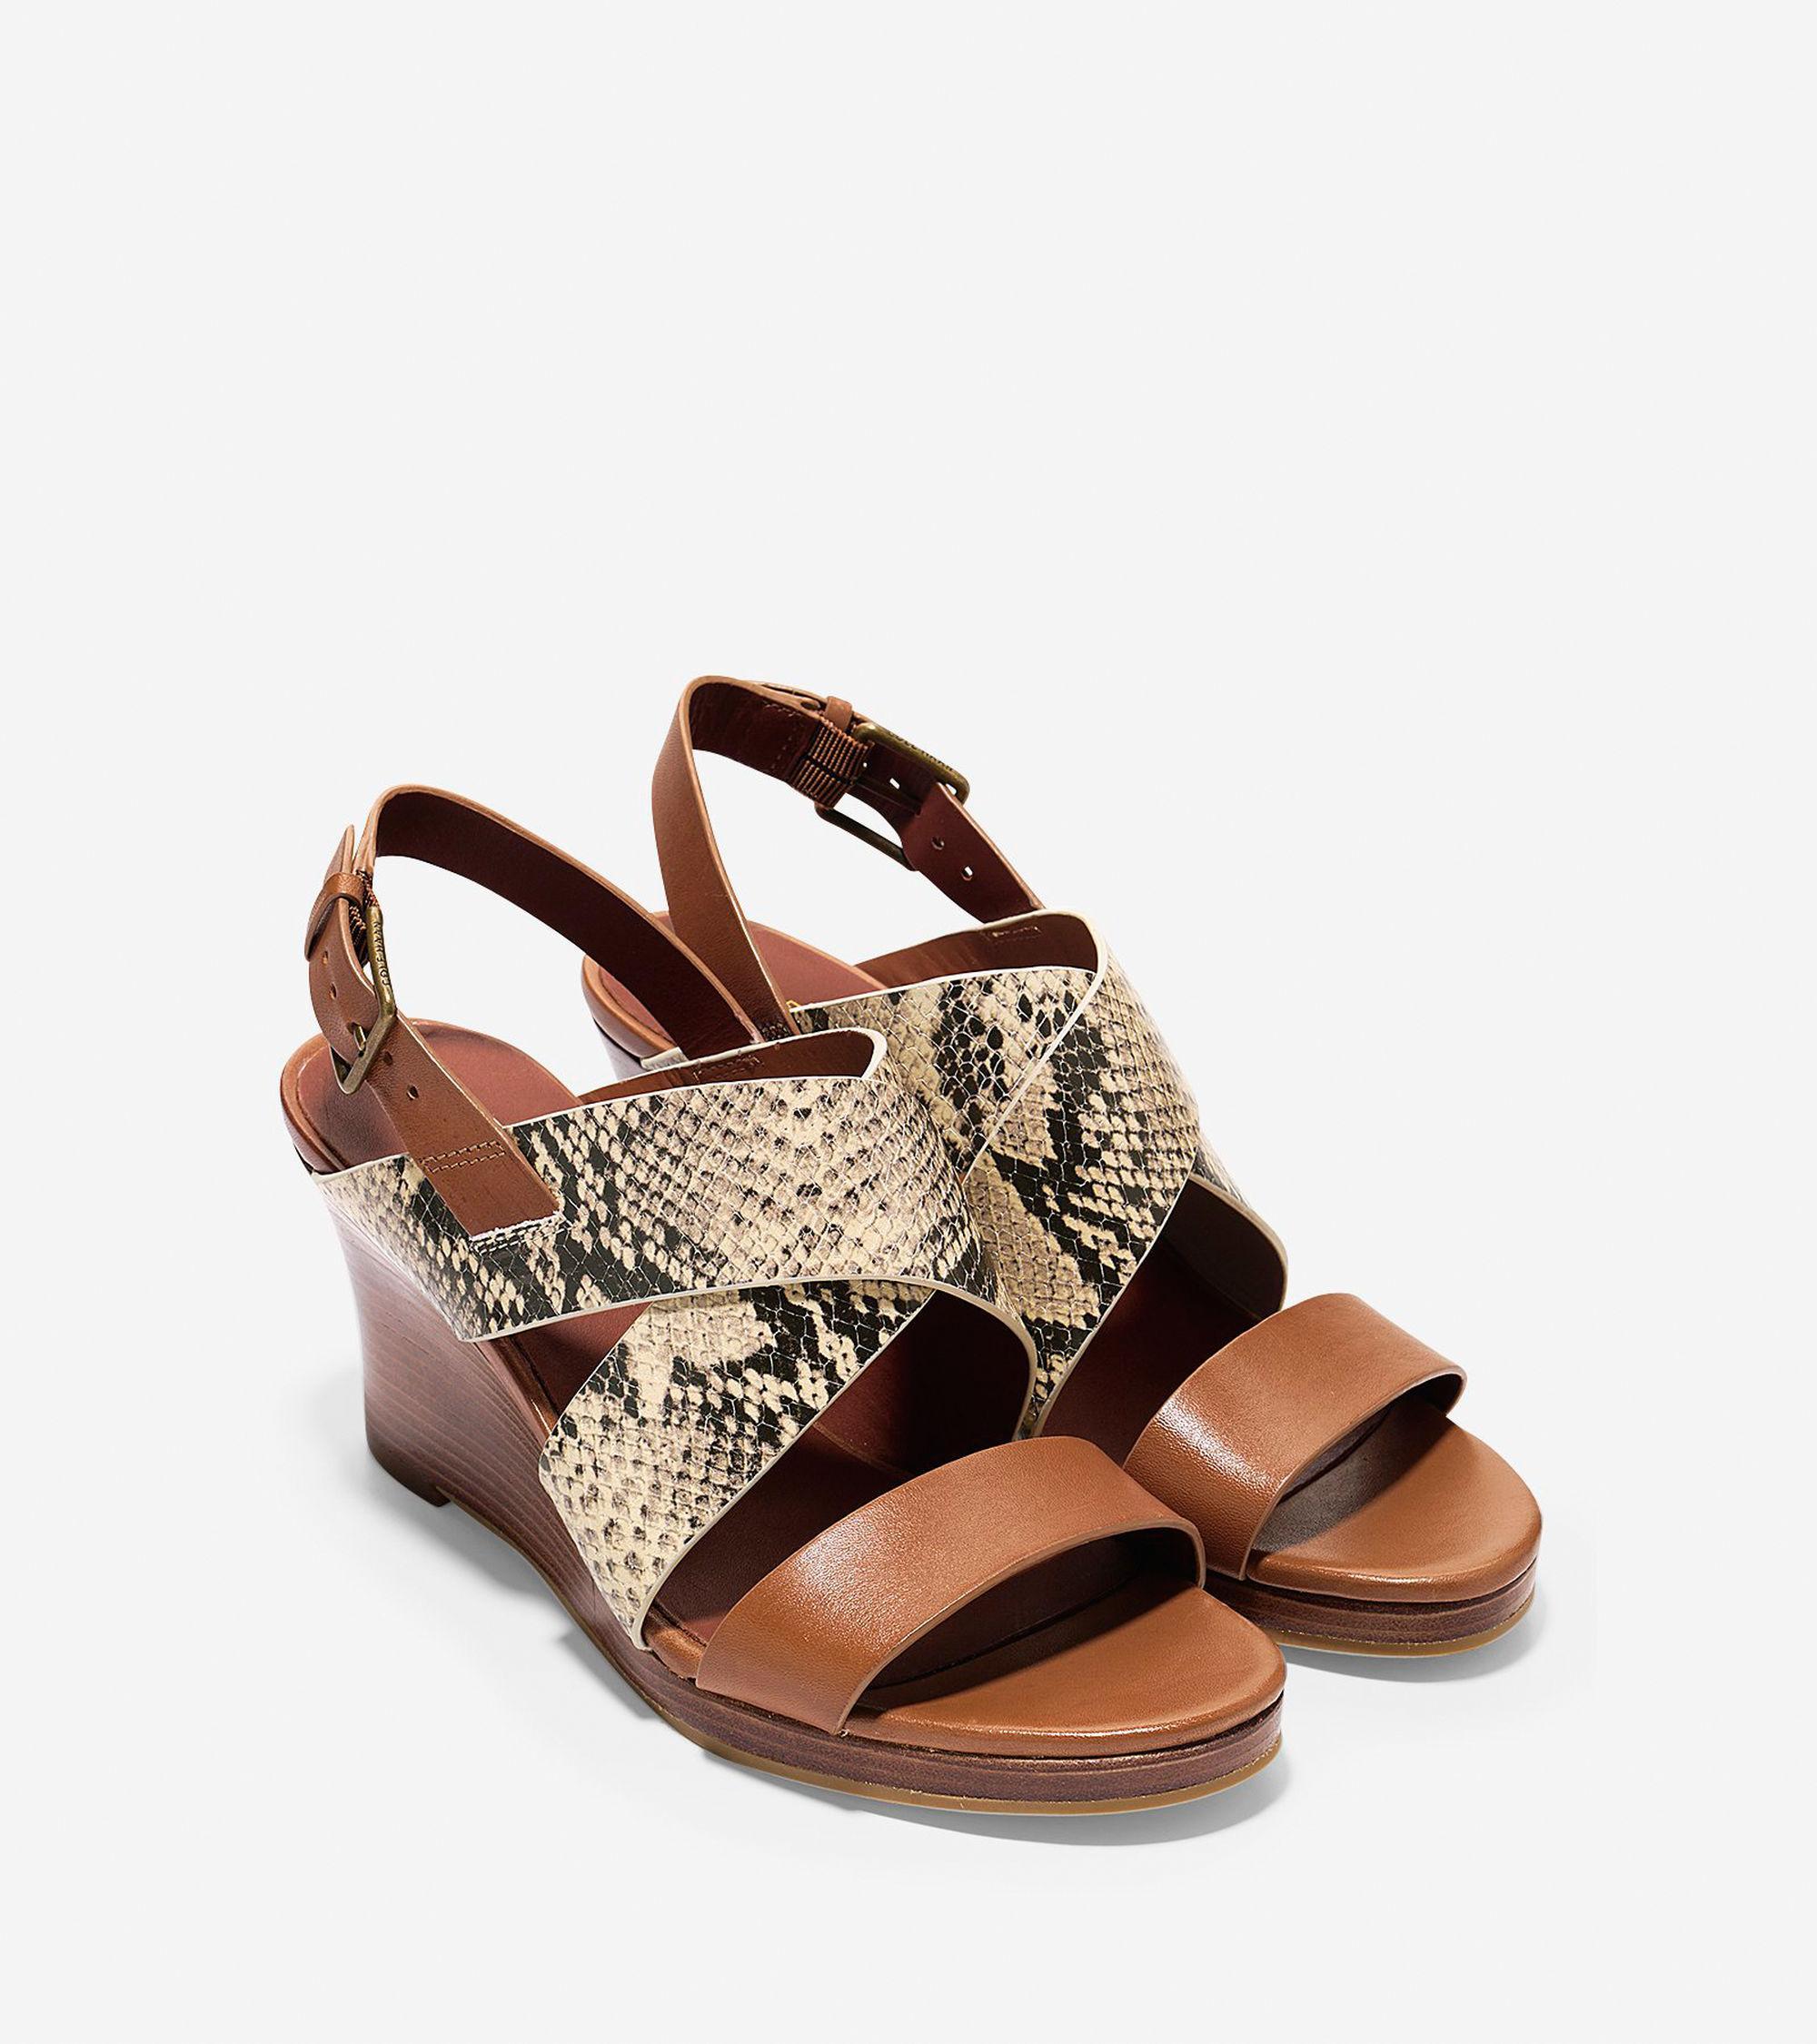 Cole Haan Women S Penelope Wedge Shoes